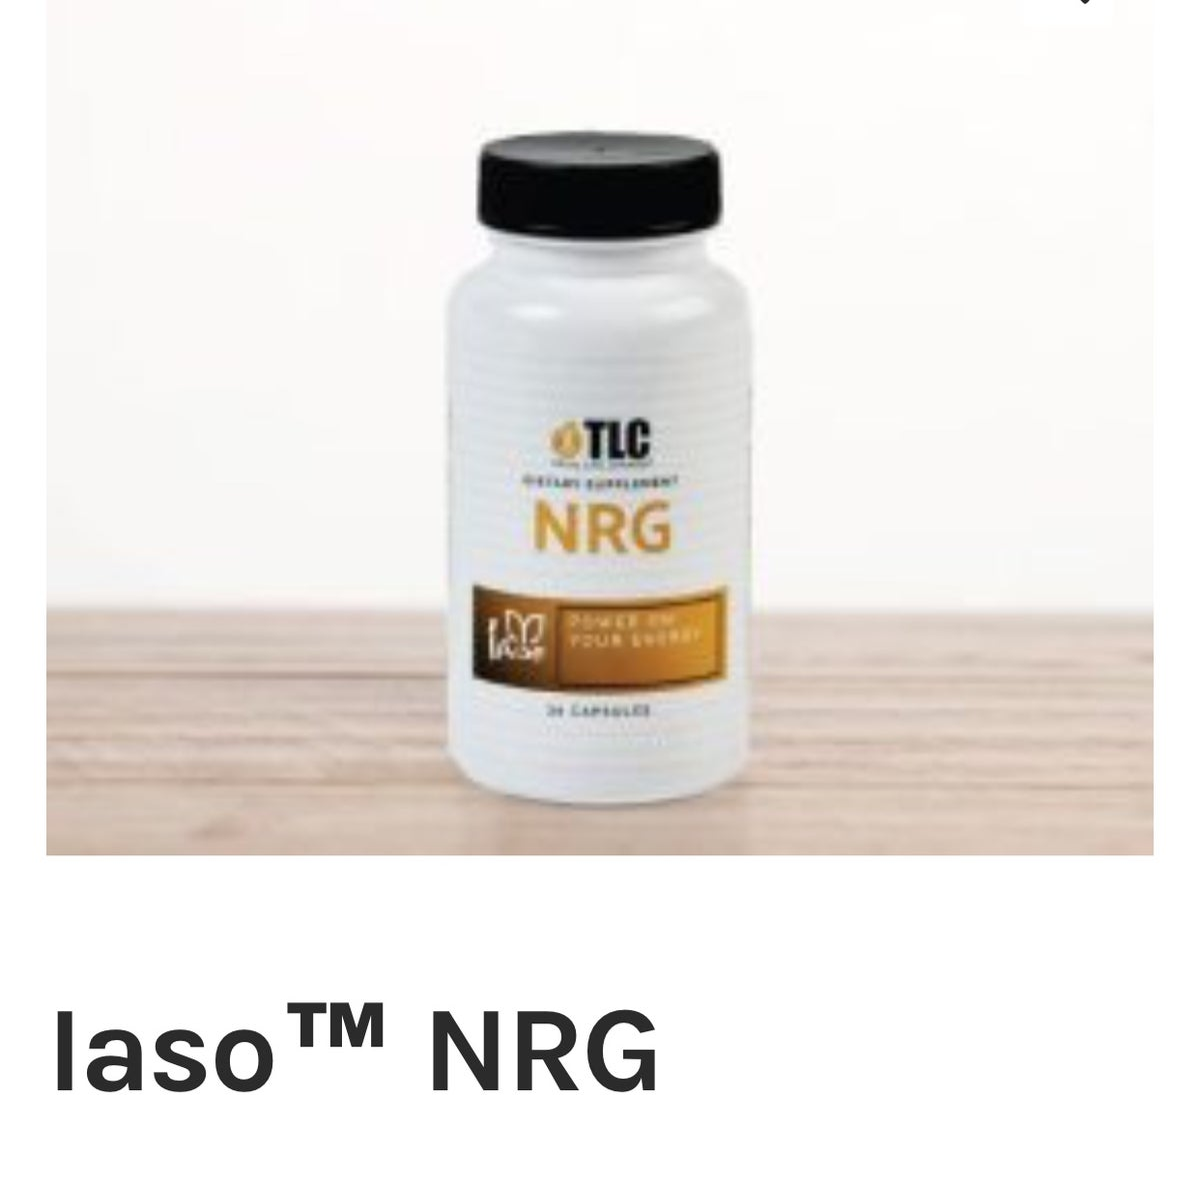 Image of Iaso NRG